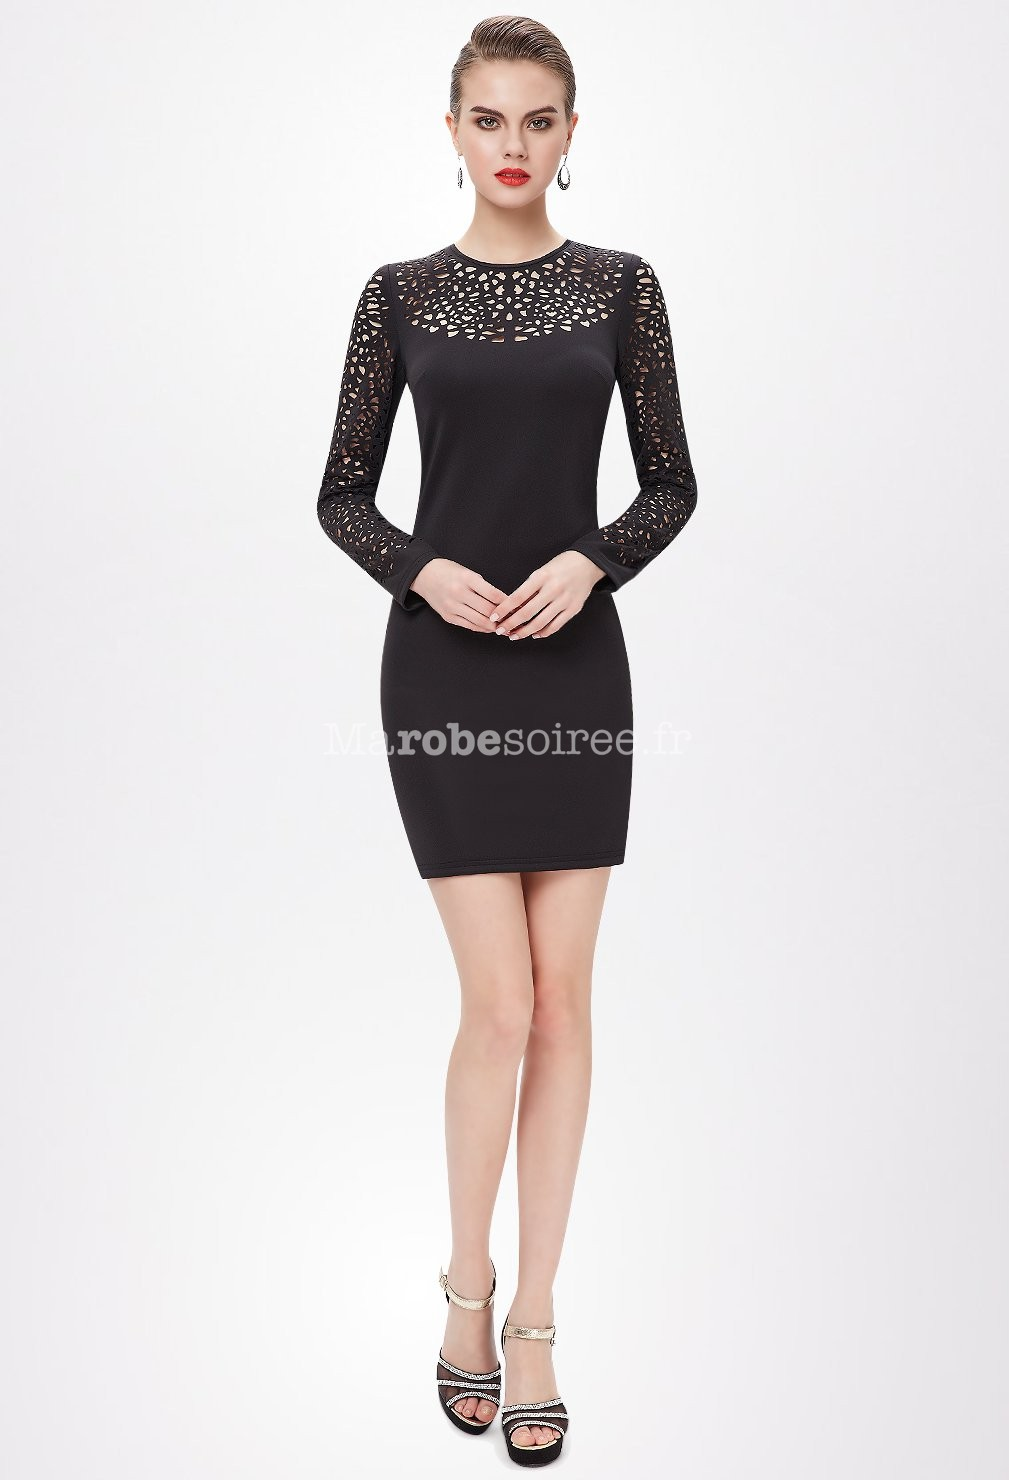 Petite robe noire manche longue